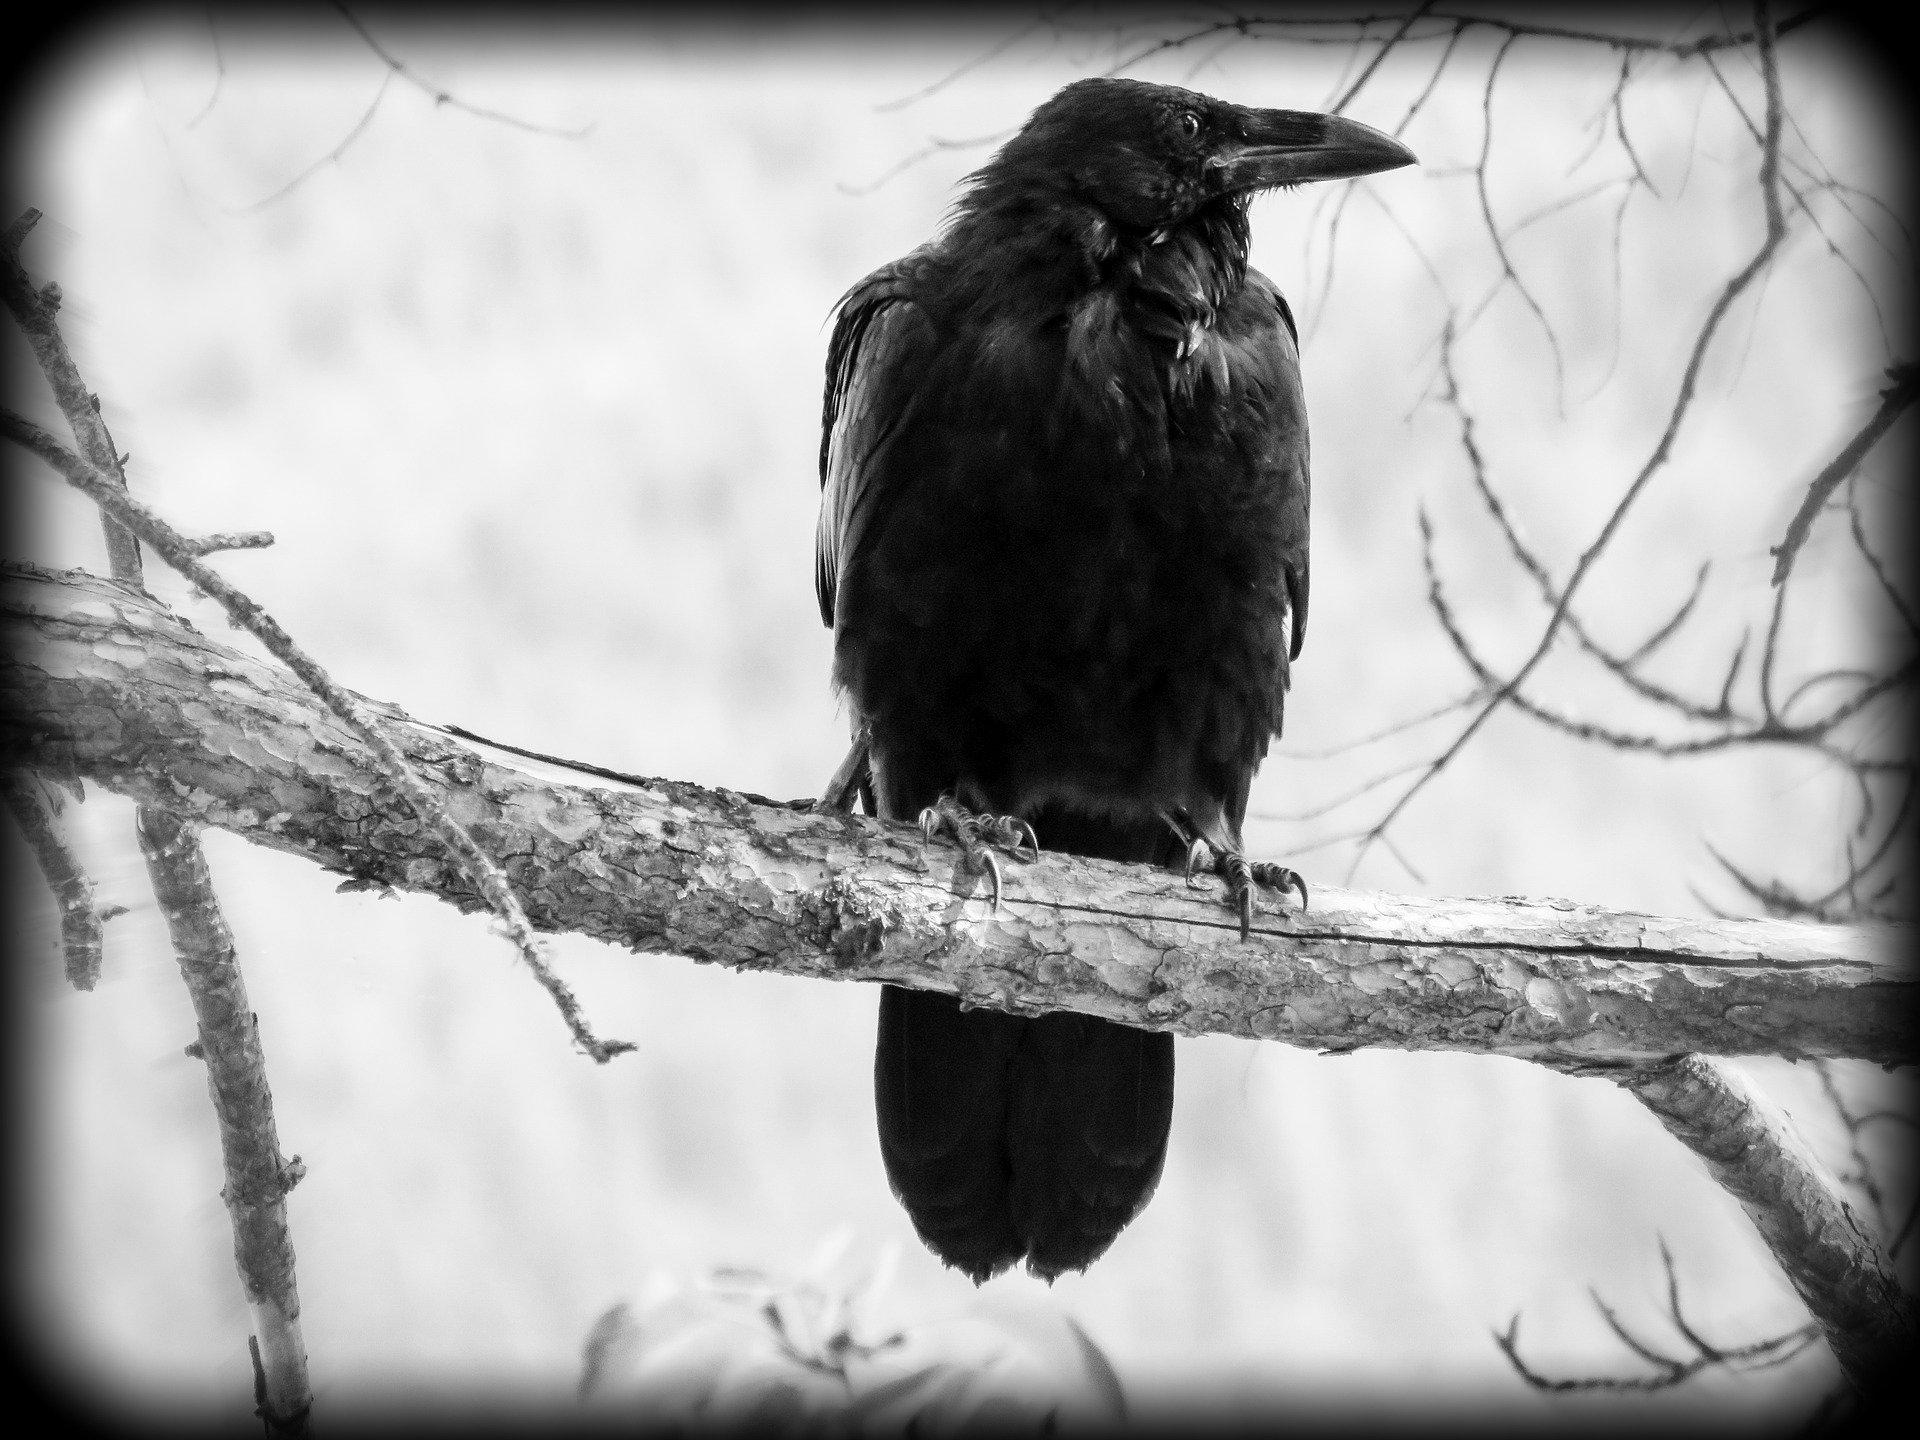 ptasi móżdżek – mity na temat zwierząt